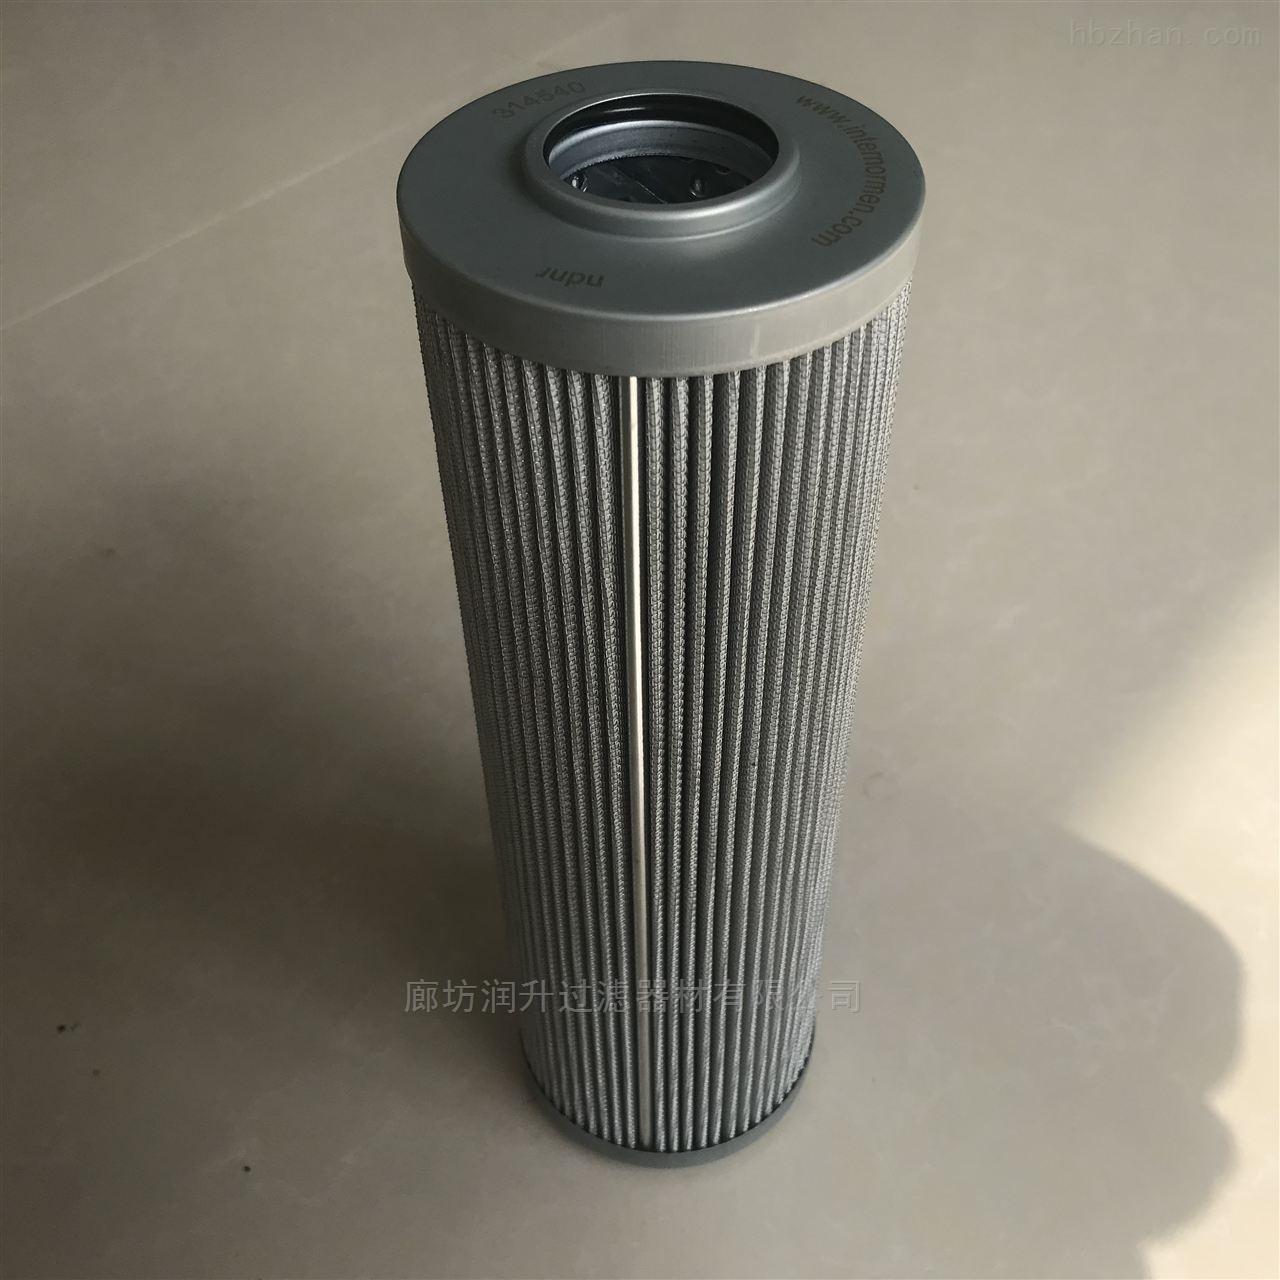 昭通化工厂污水处理滤芯厂家报价